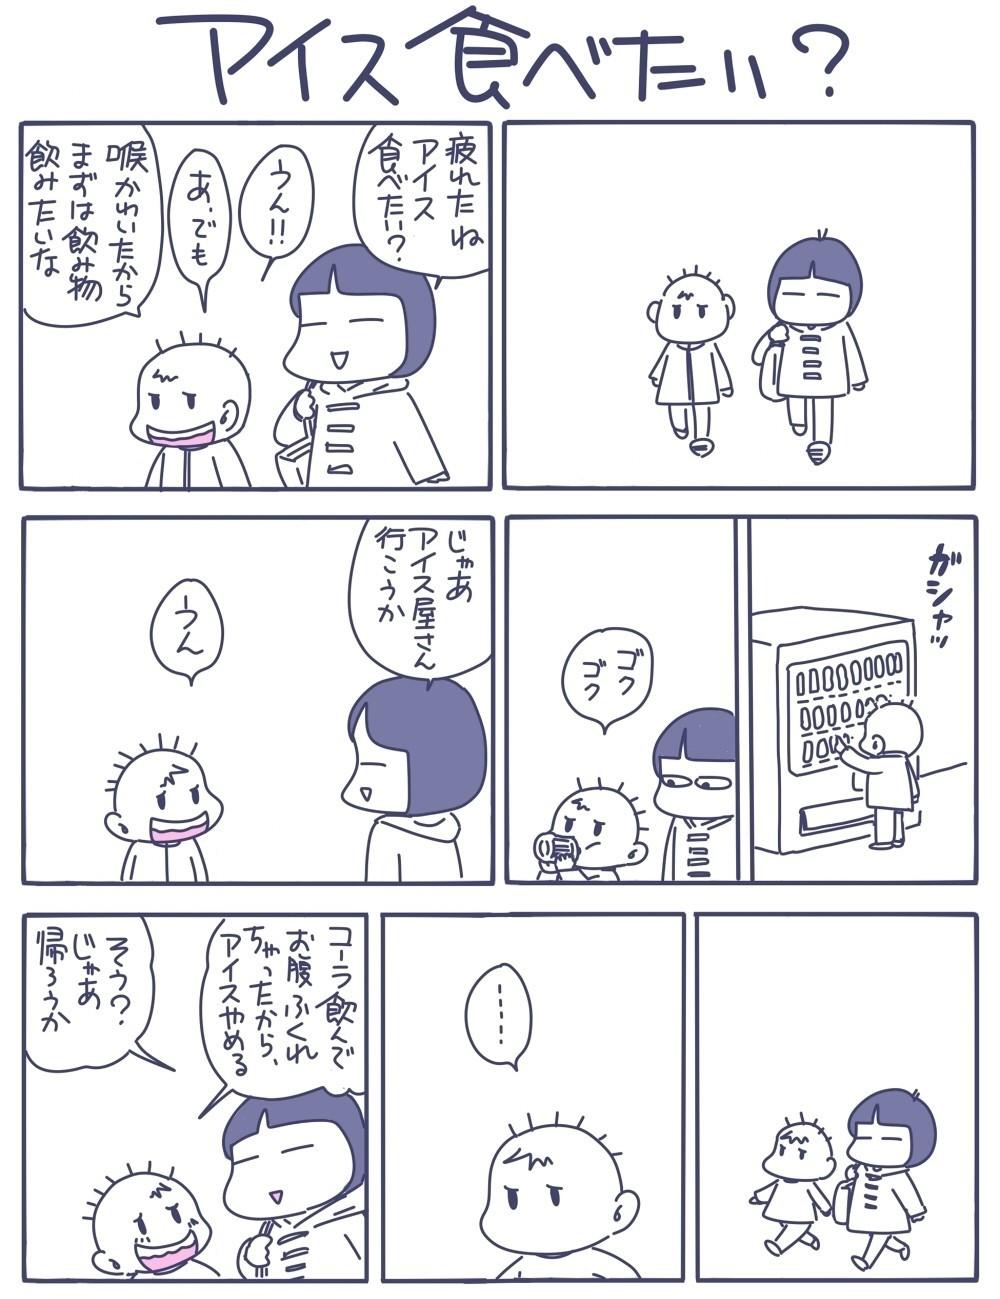 アイス食べたい_1